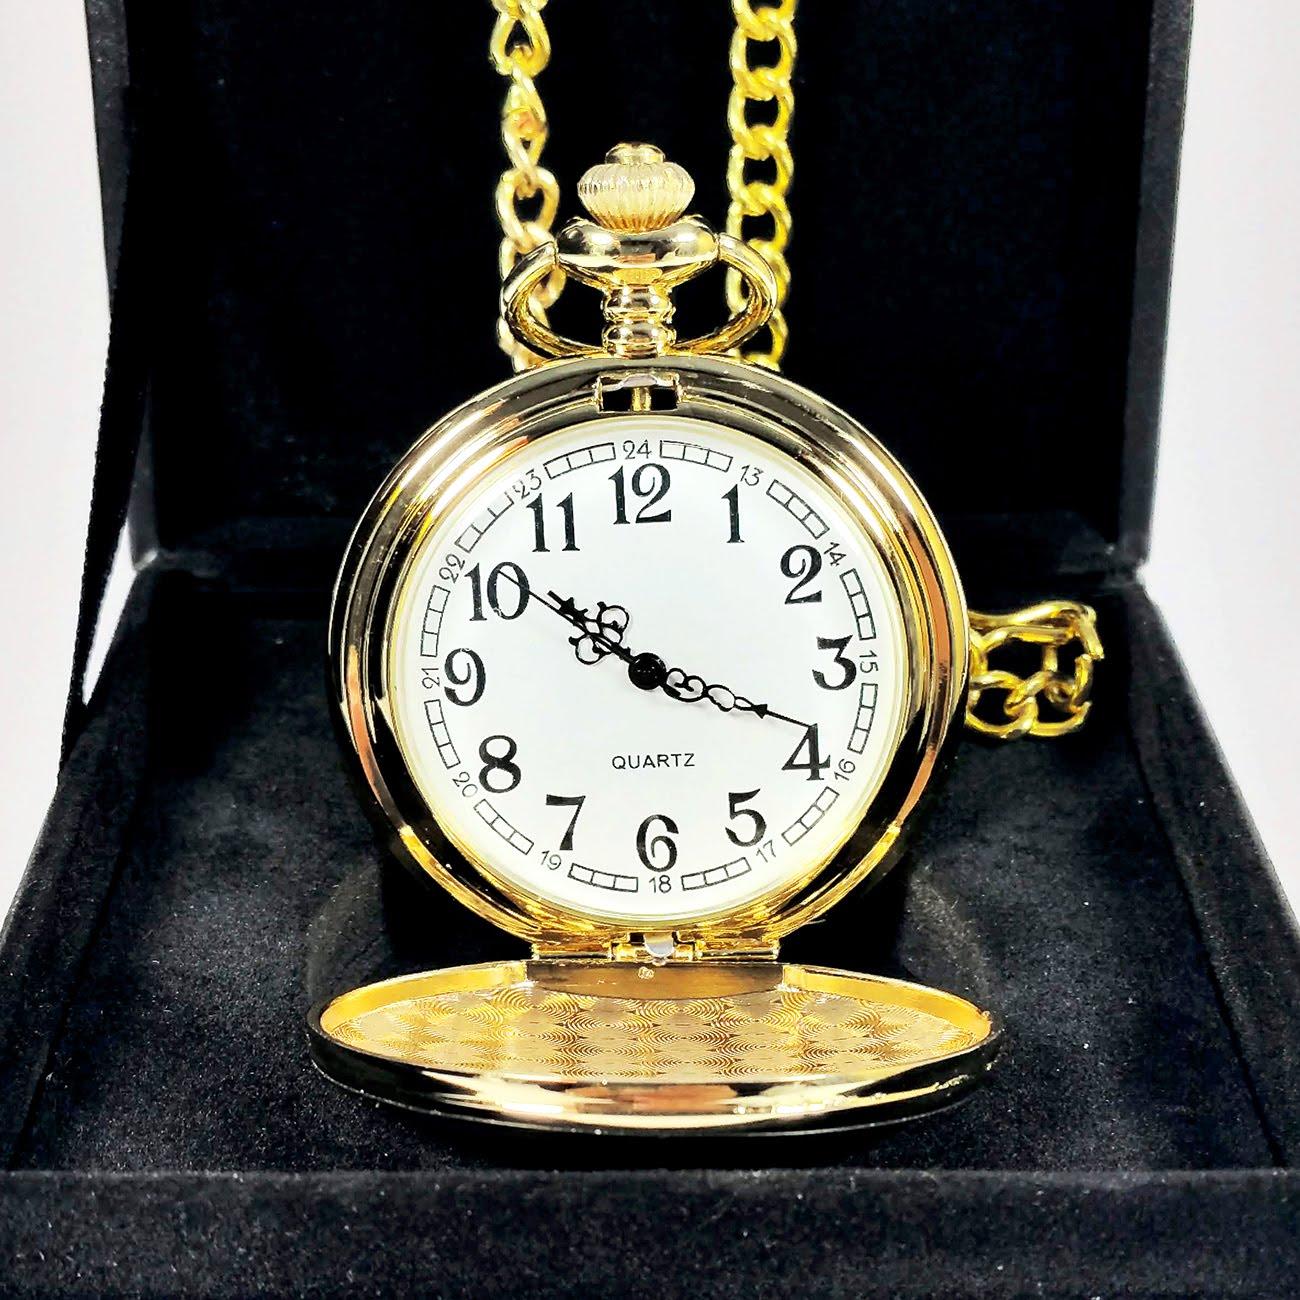 Đồng hồ quả quýt INOX vàng trơn : Thiết kế hoài cổ - Lịch Sự - Quý Phái